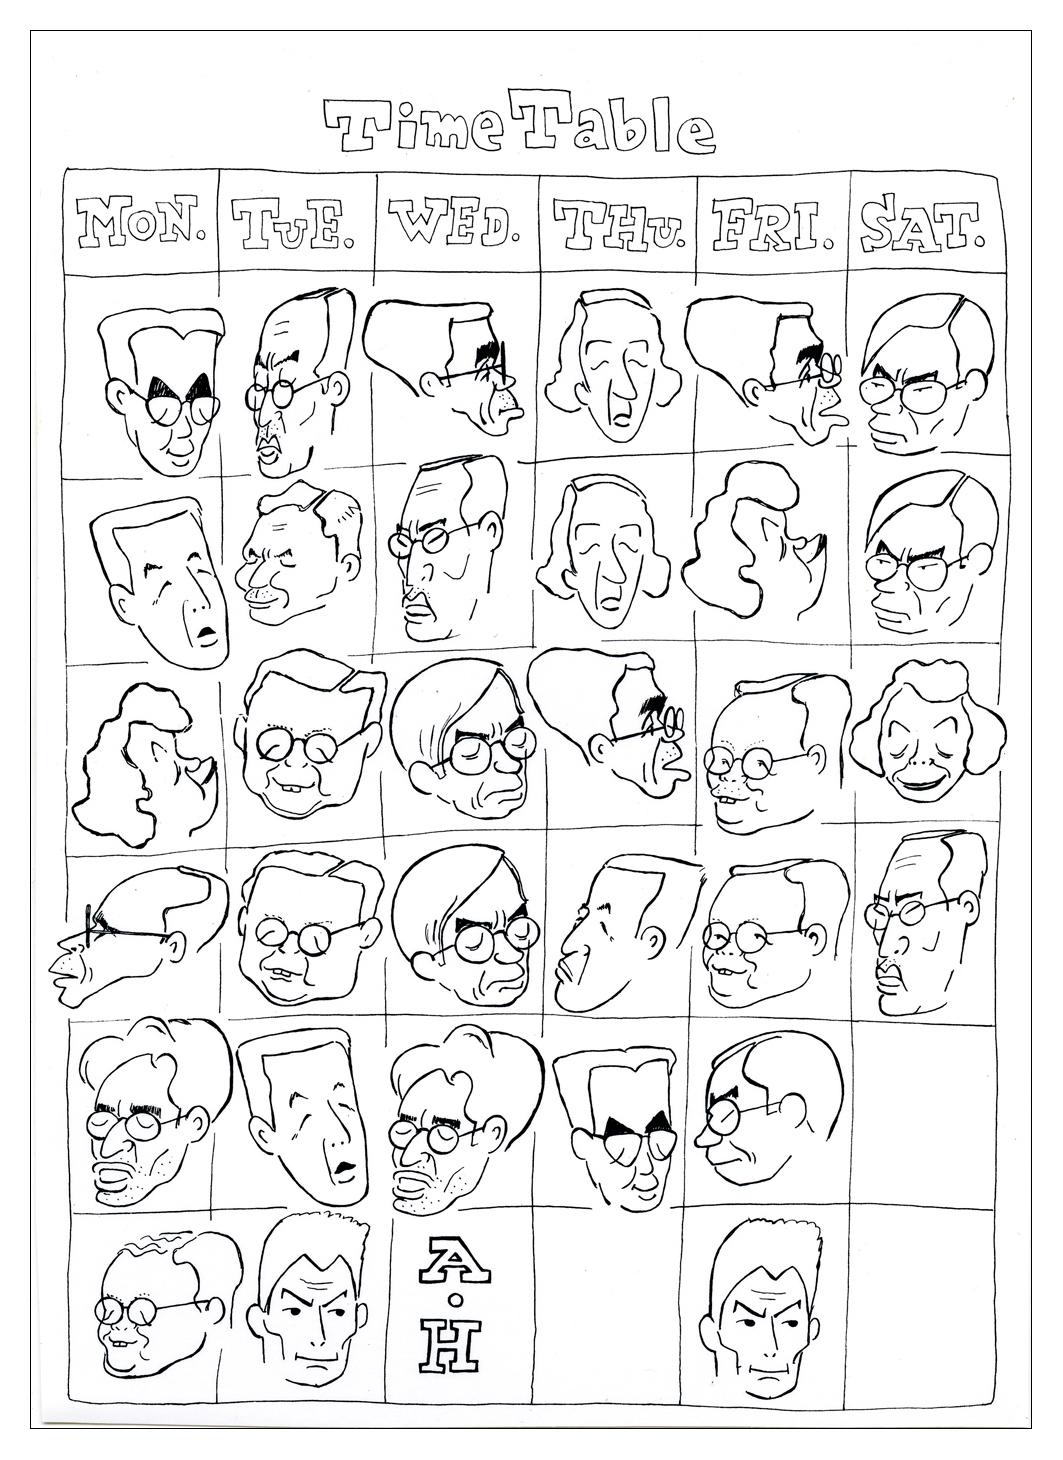 和田が高校2年生の頃に作った先生の似顔による時間割表〈1953年〉